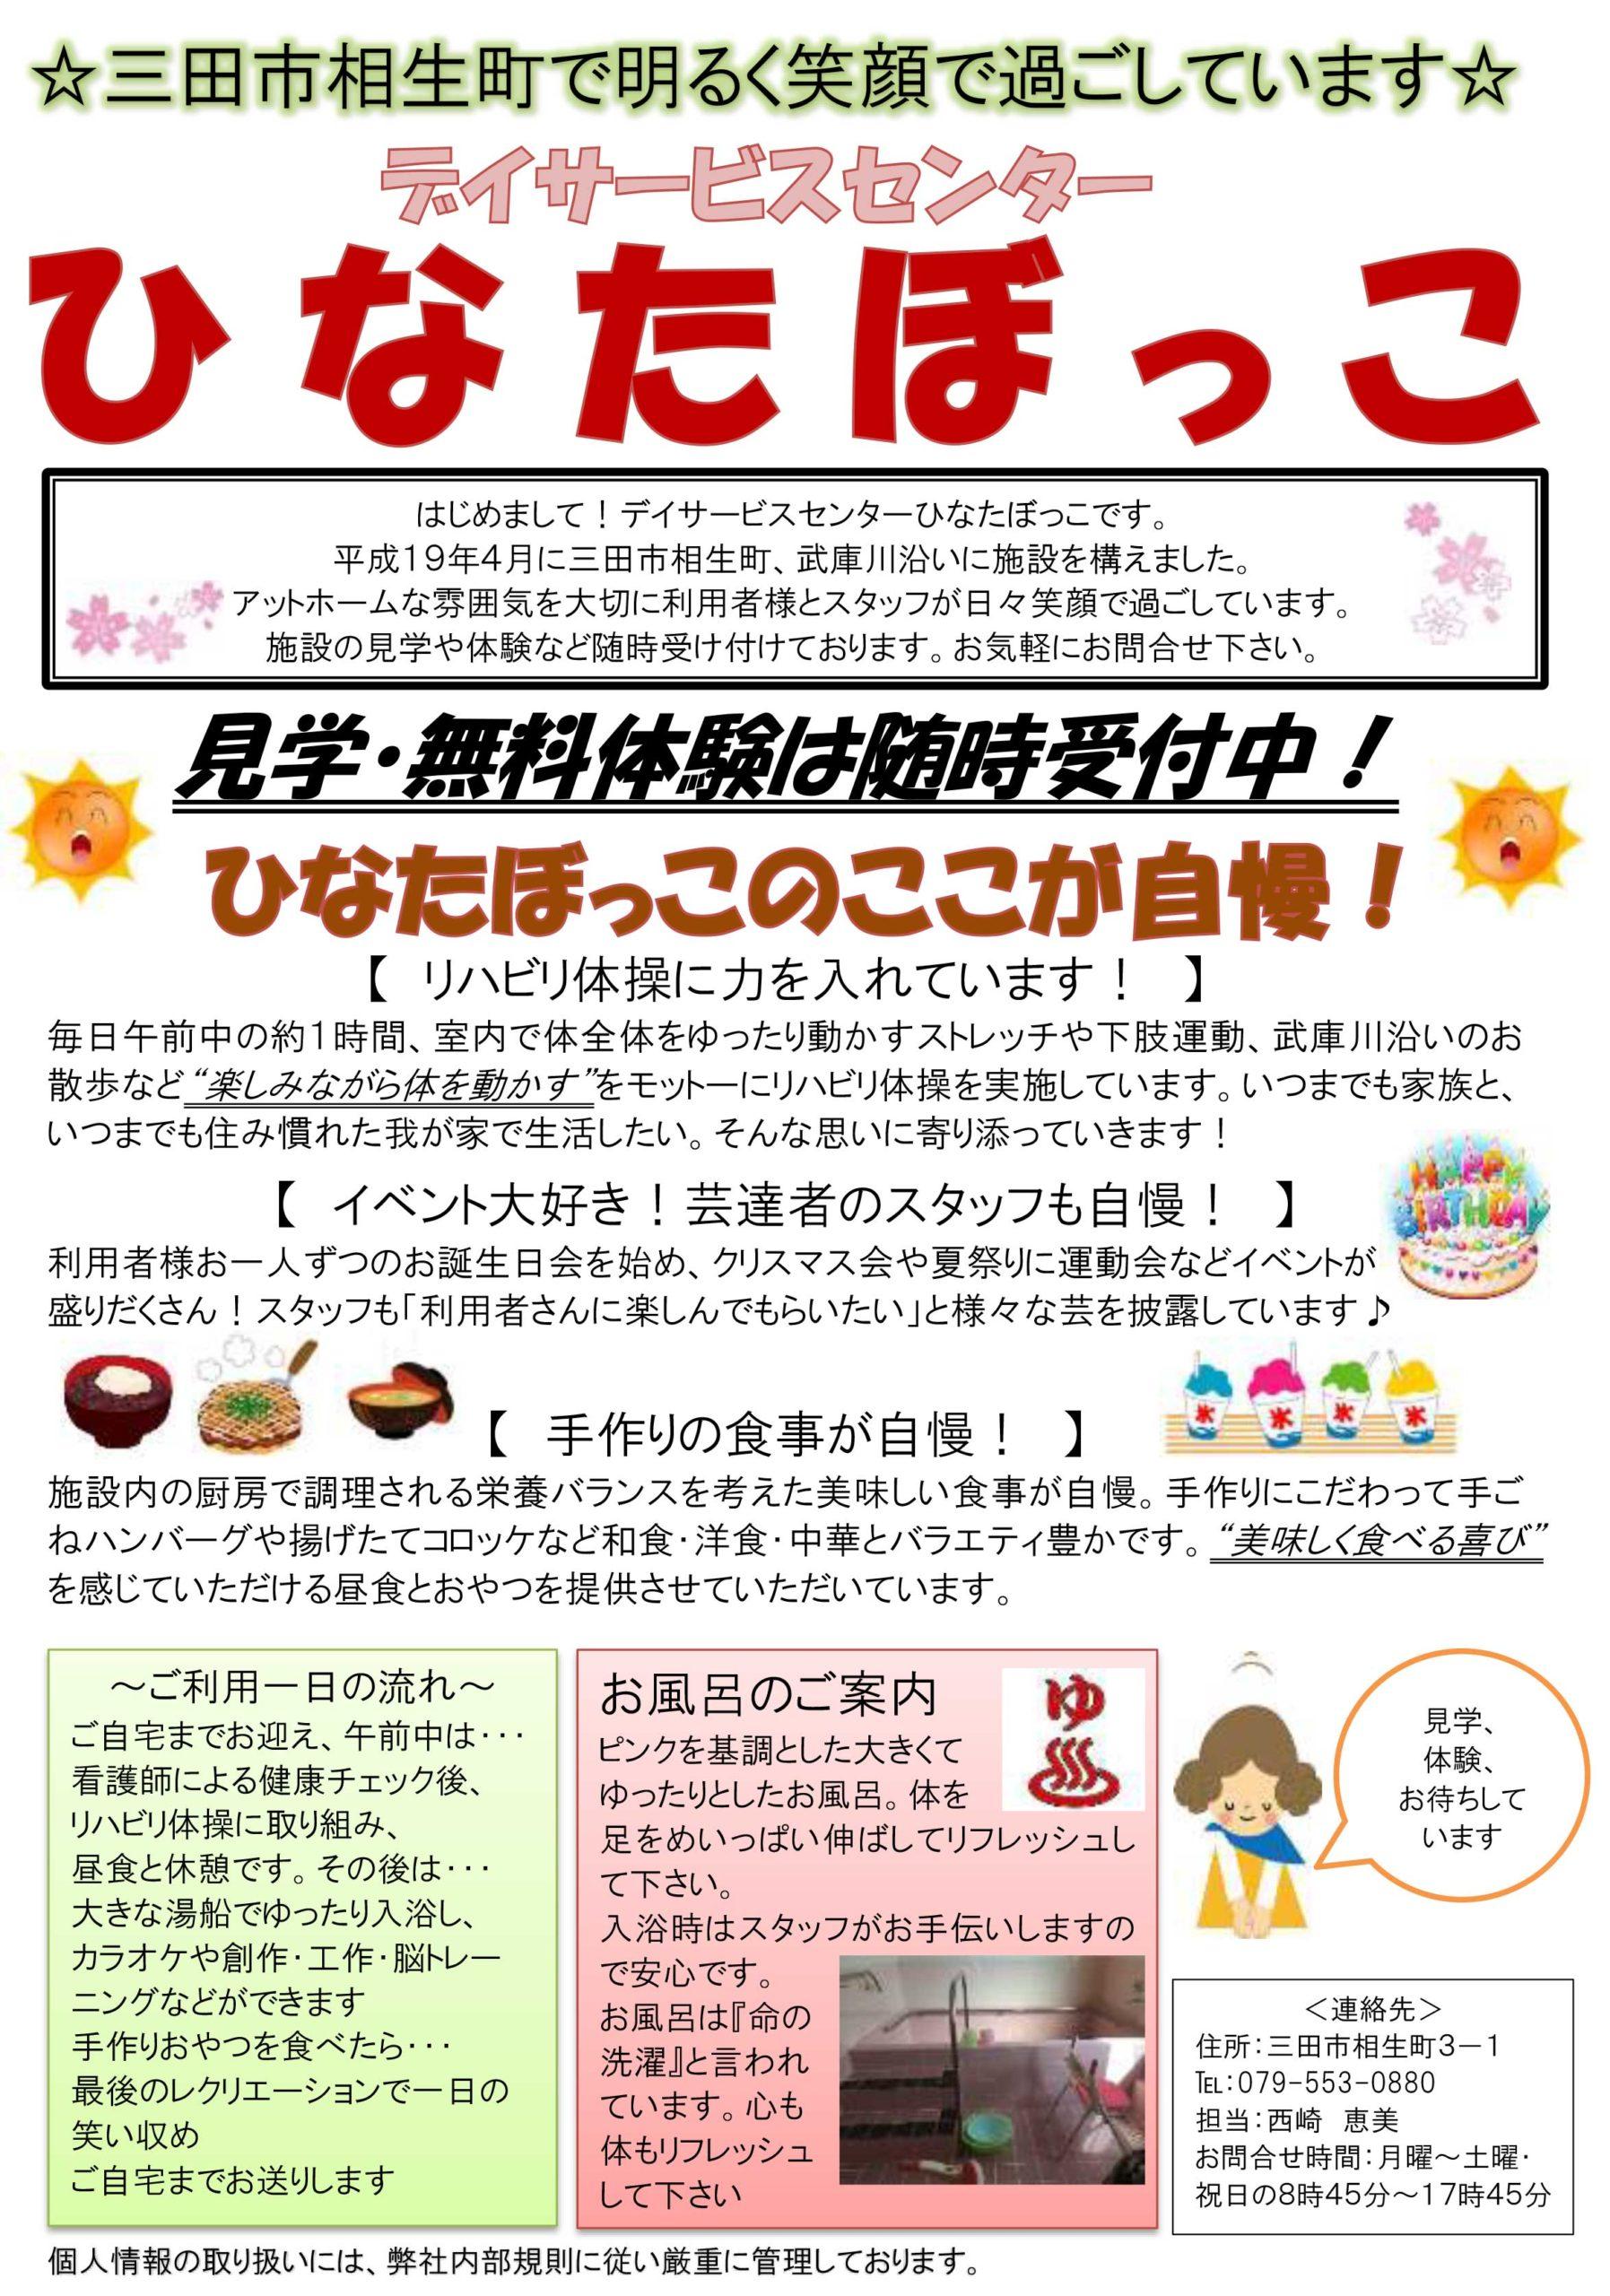 三田市のデイサービス一日無料体験のご案内